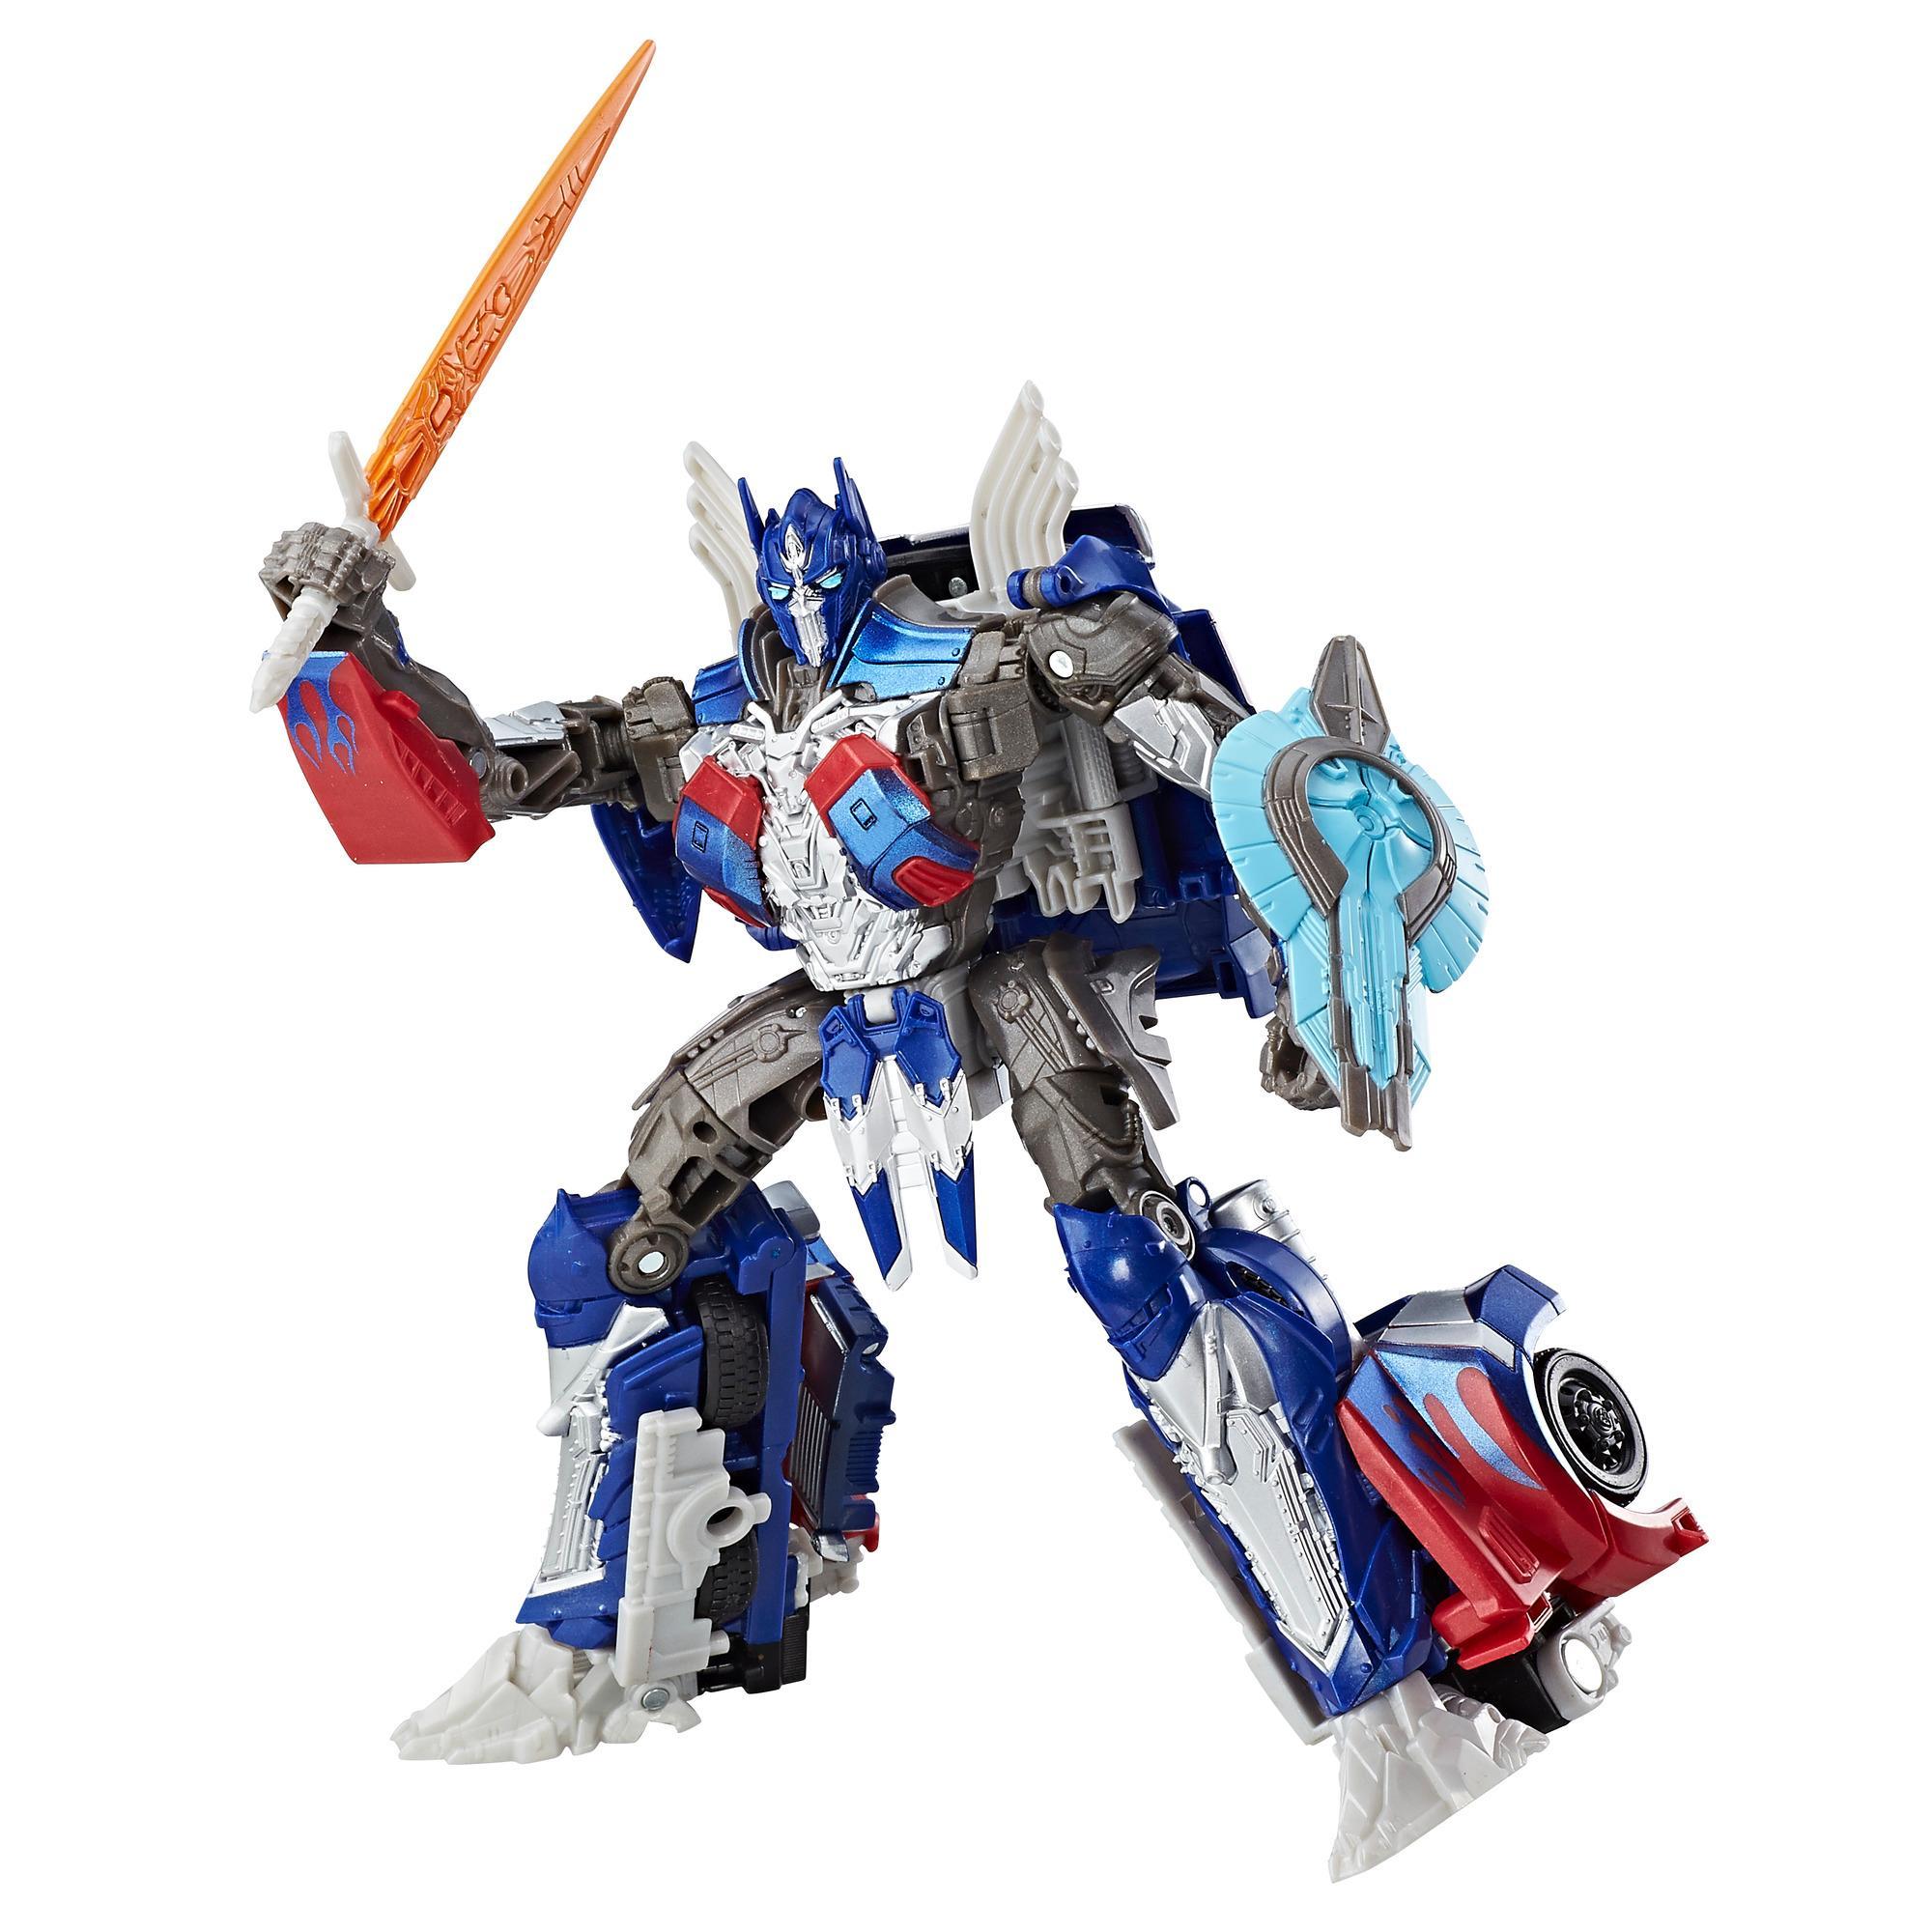 Transformers: The Last Knight Premier Edition Optimus Prime Clase viajero